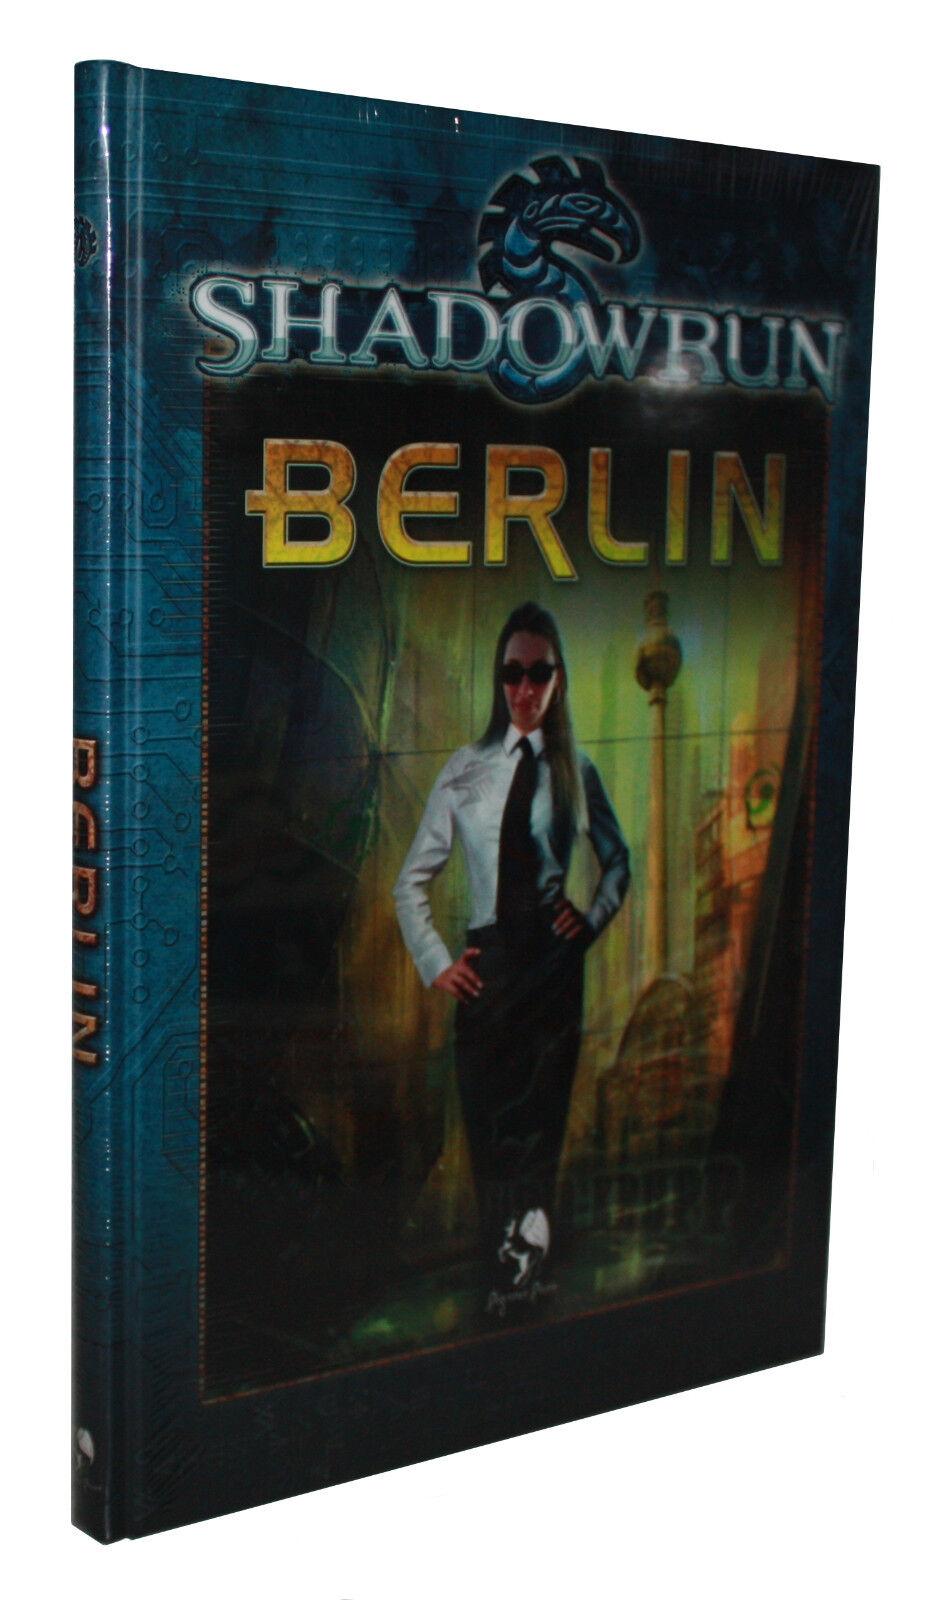 SHADOWRUN-BERLIN-Cyber Rollenspiel-(HC)-PEGASUS SPIELE-neu-OVP in Folie